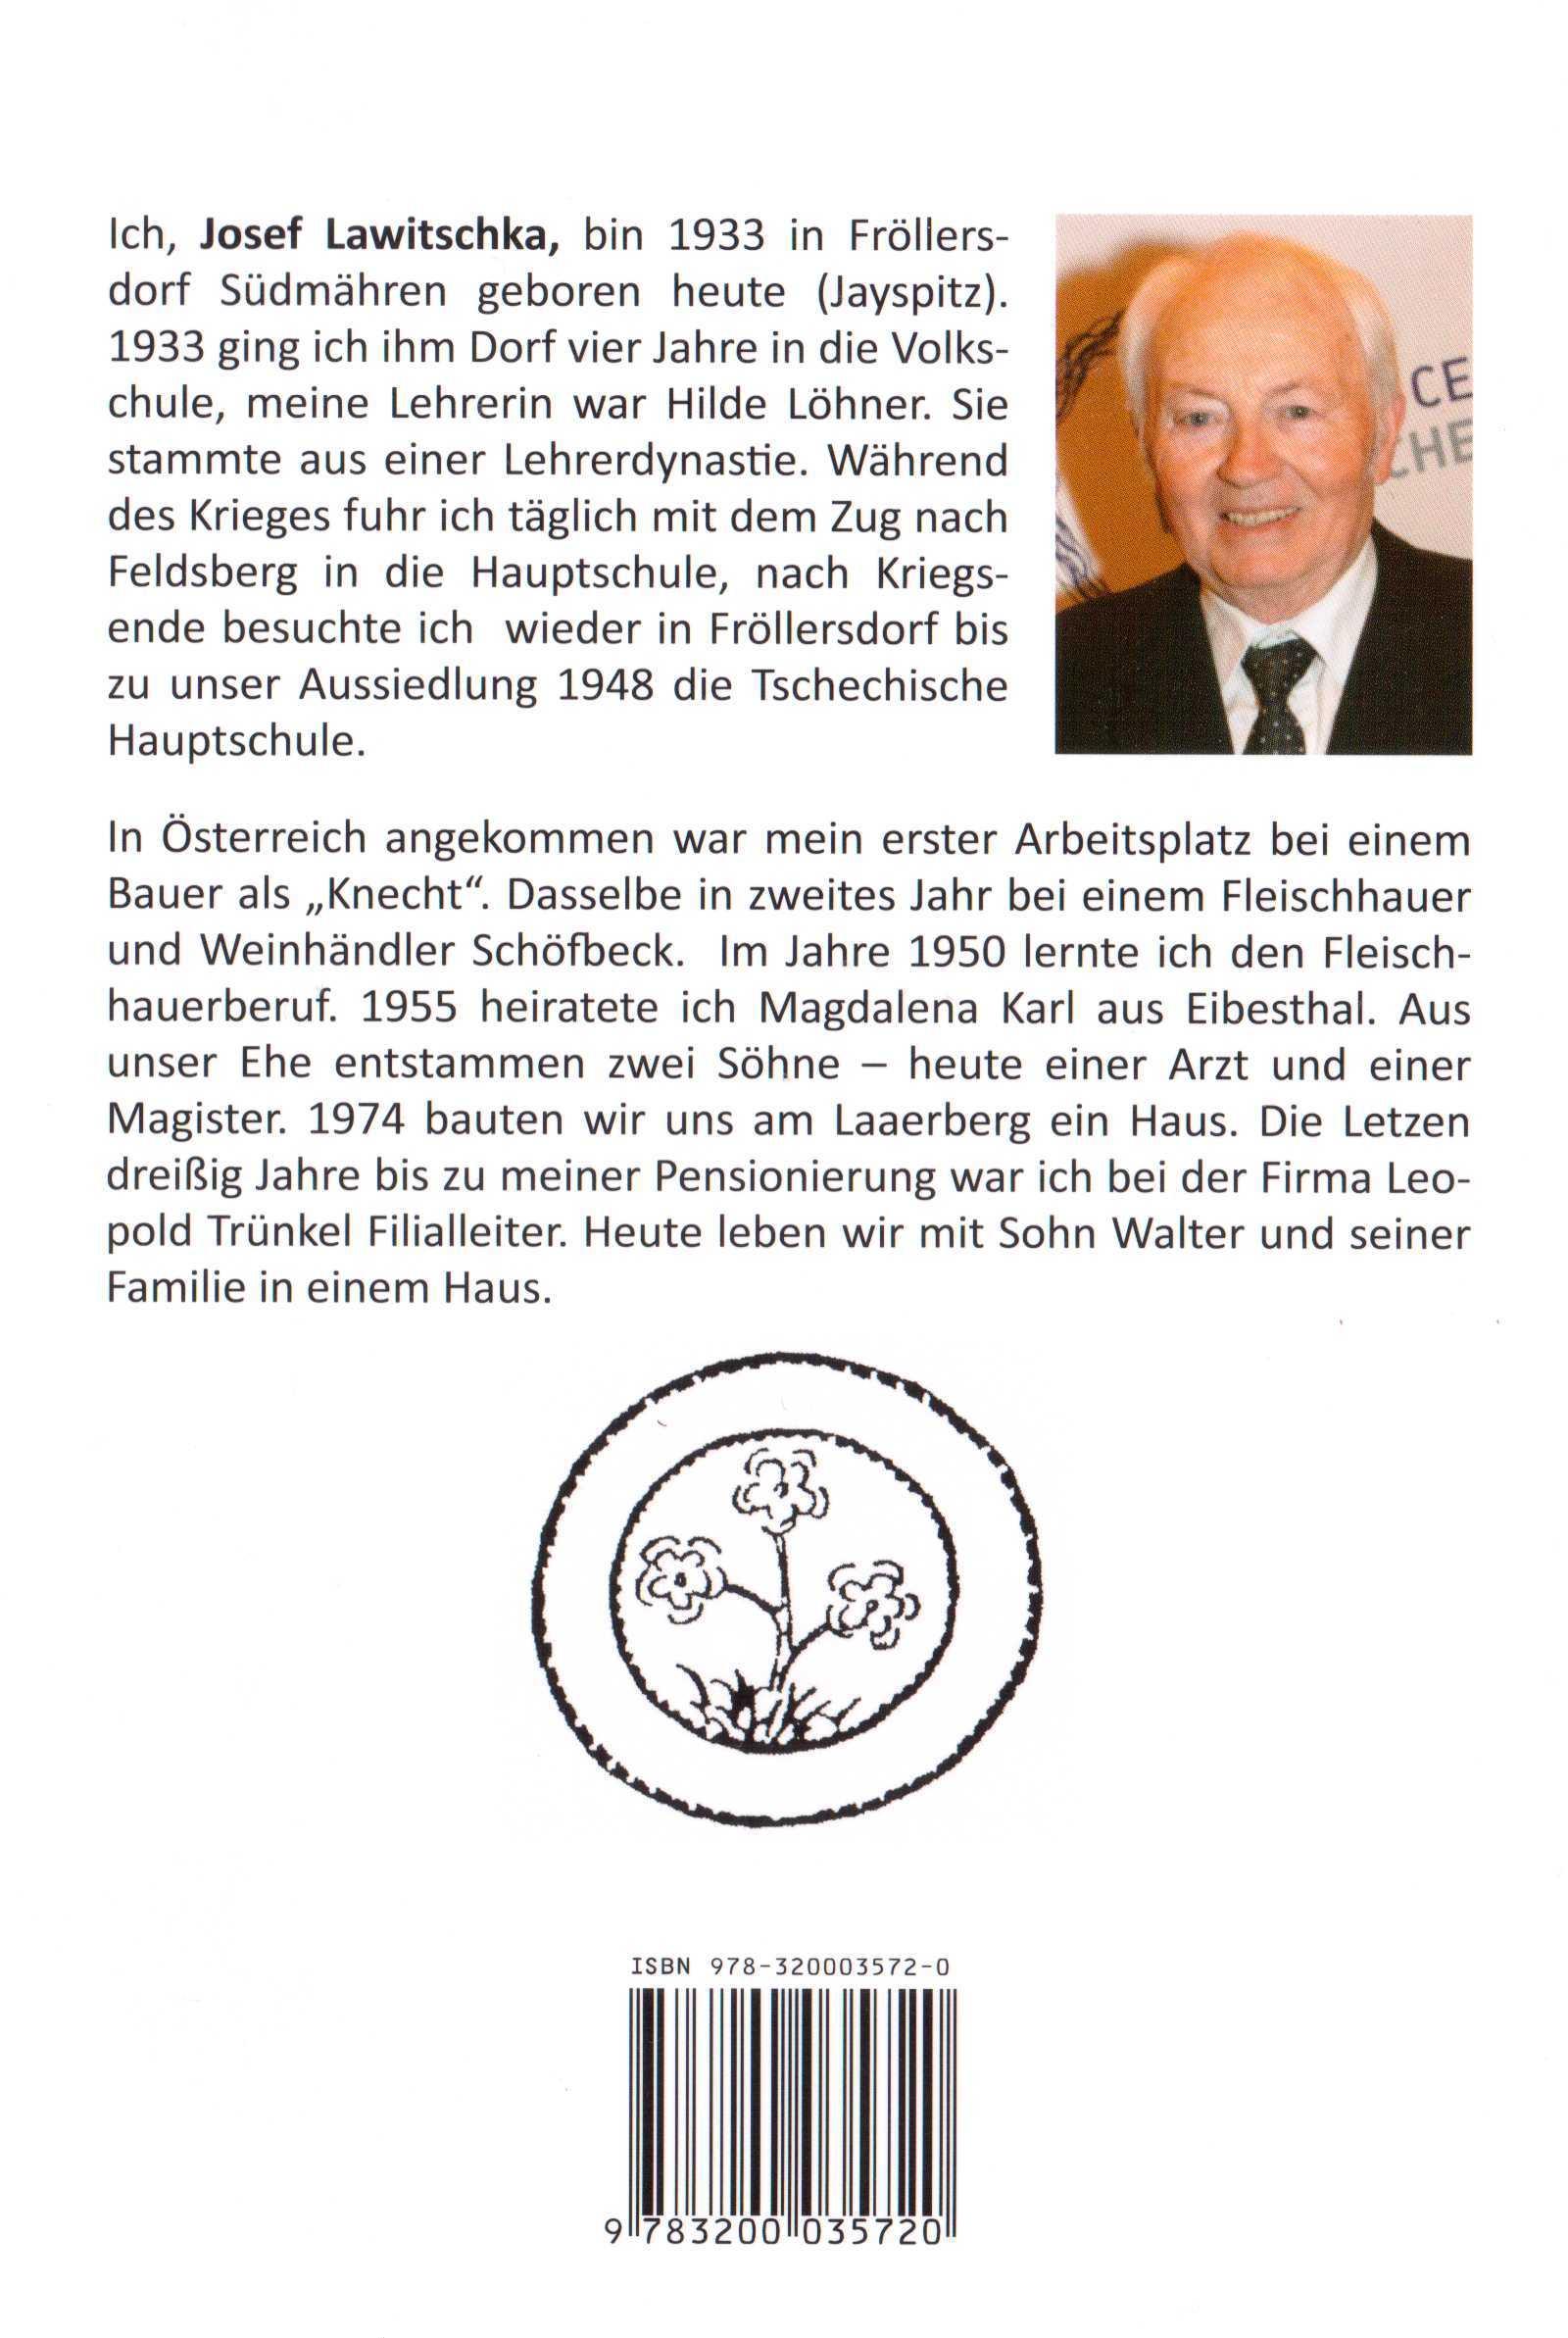 Inhaltsangabe Fröllersdorf